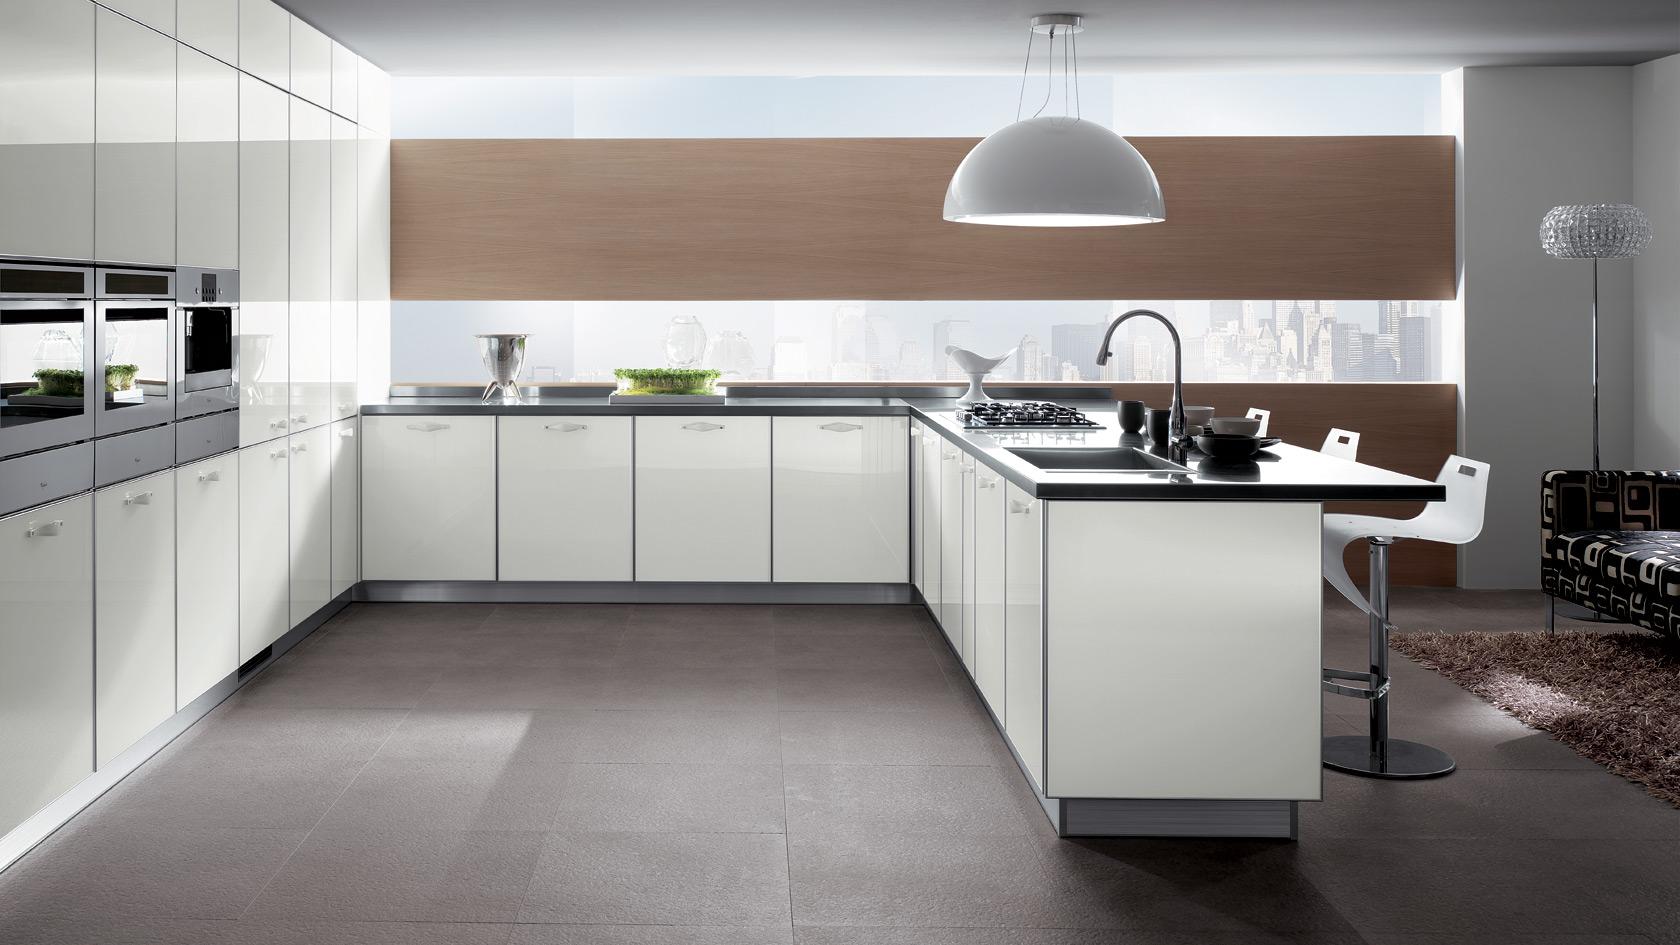 Emejing Soggiorni Scavolini Prezzi Pictures - House Design Ideas ...